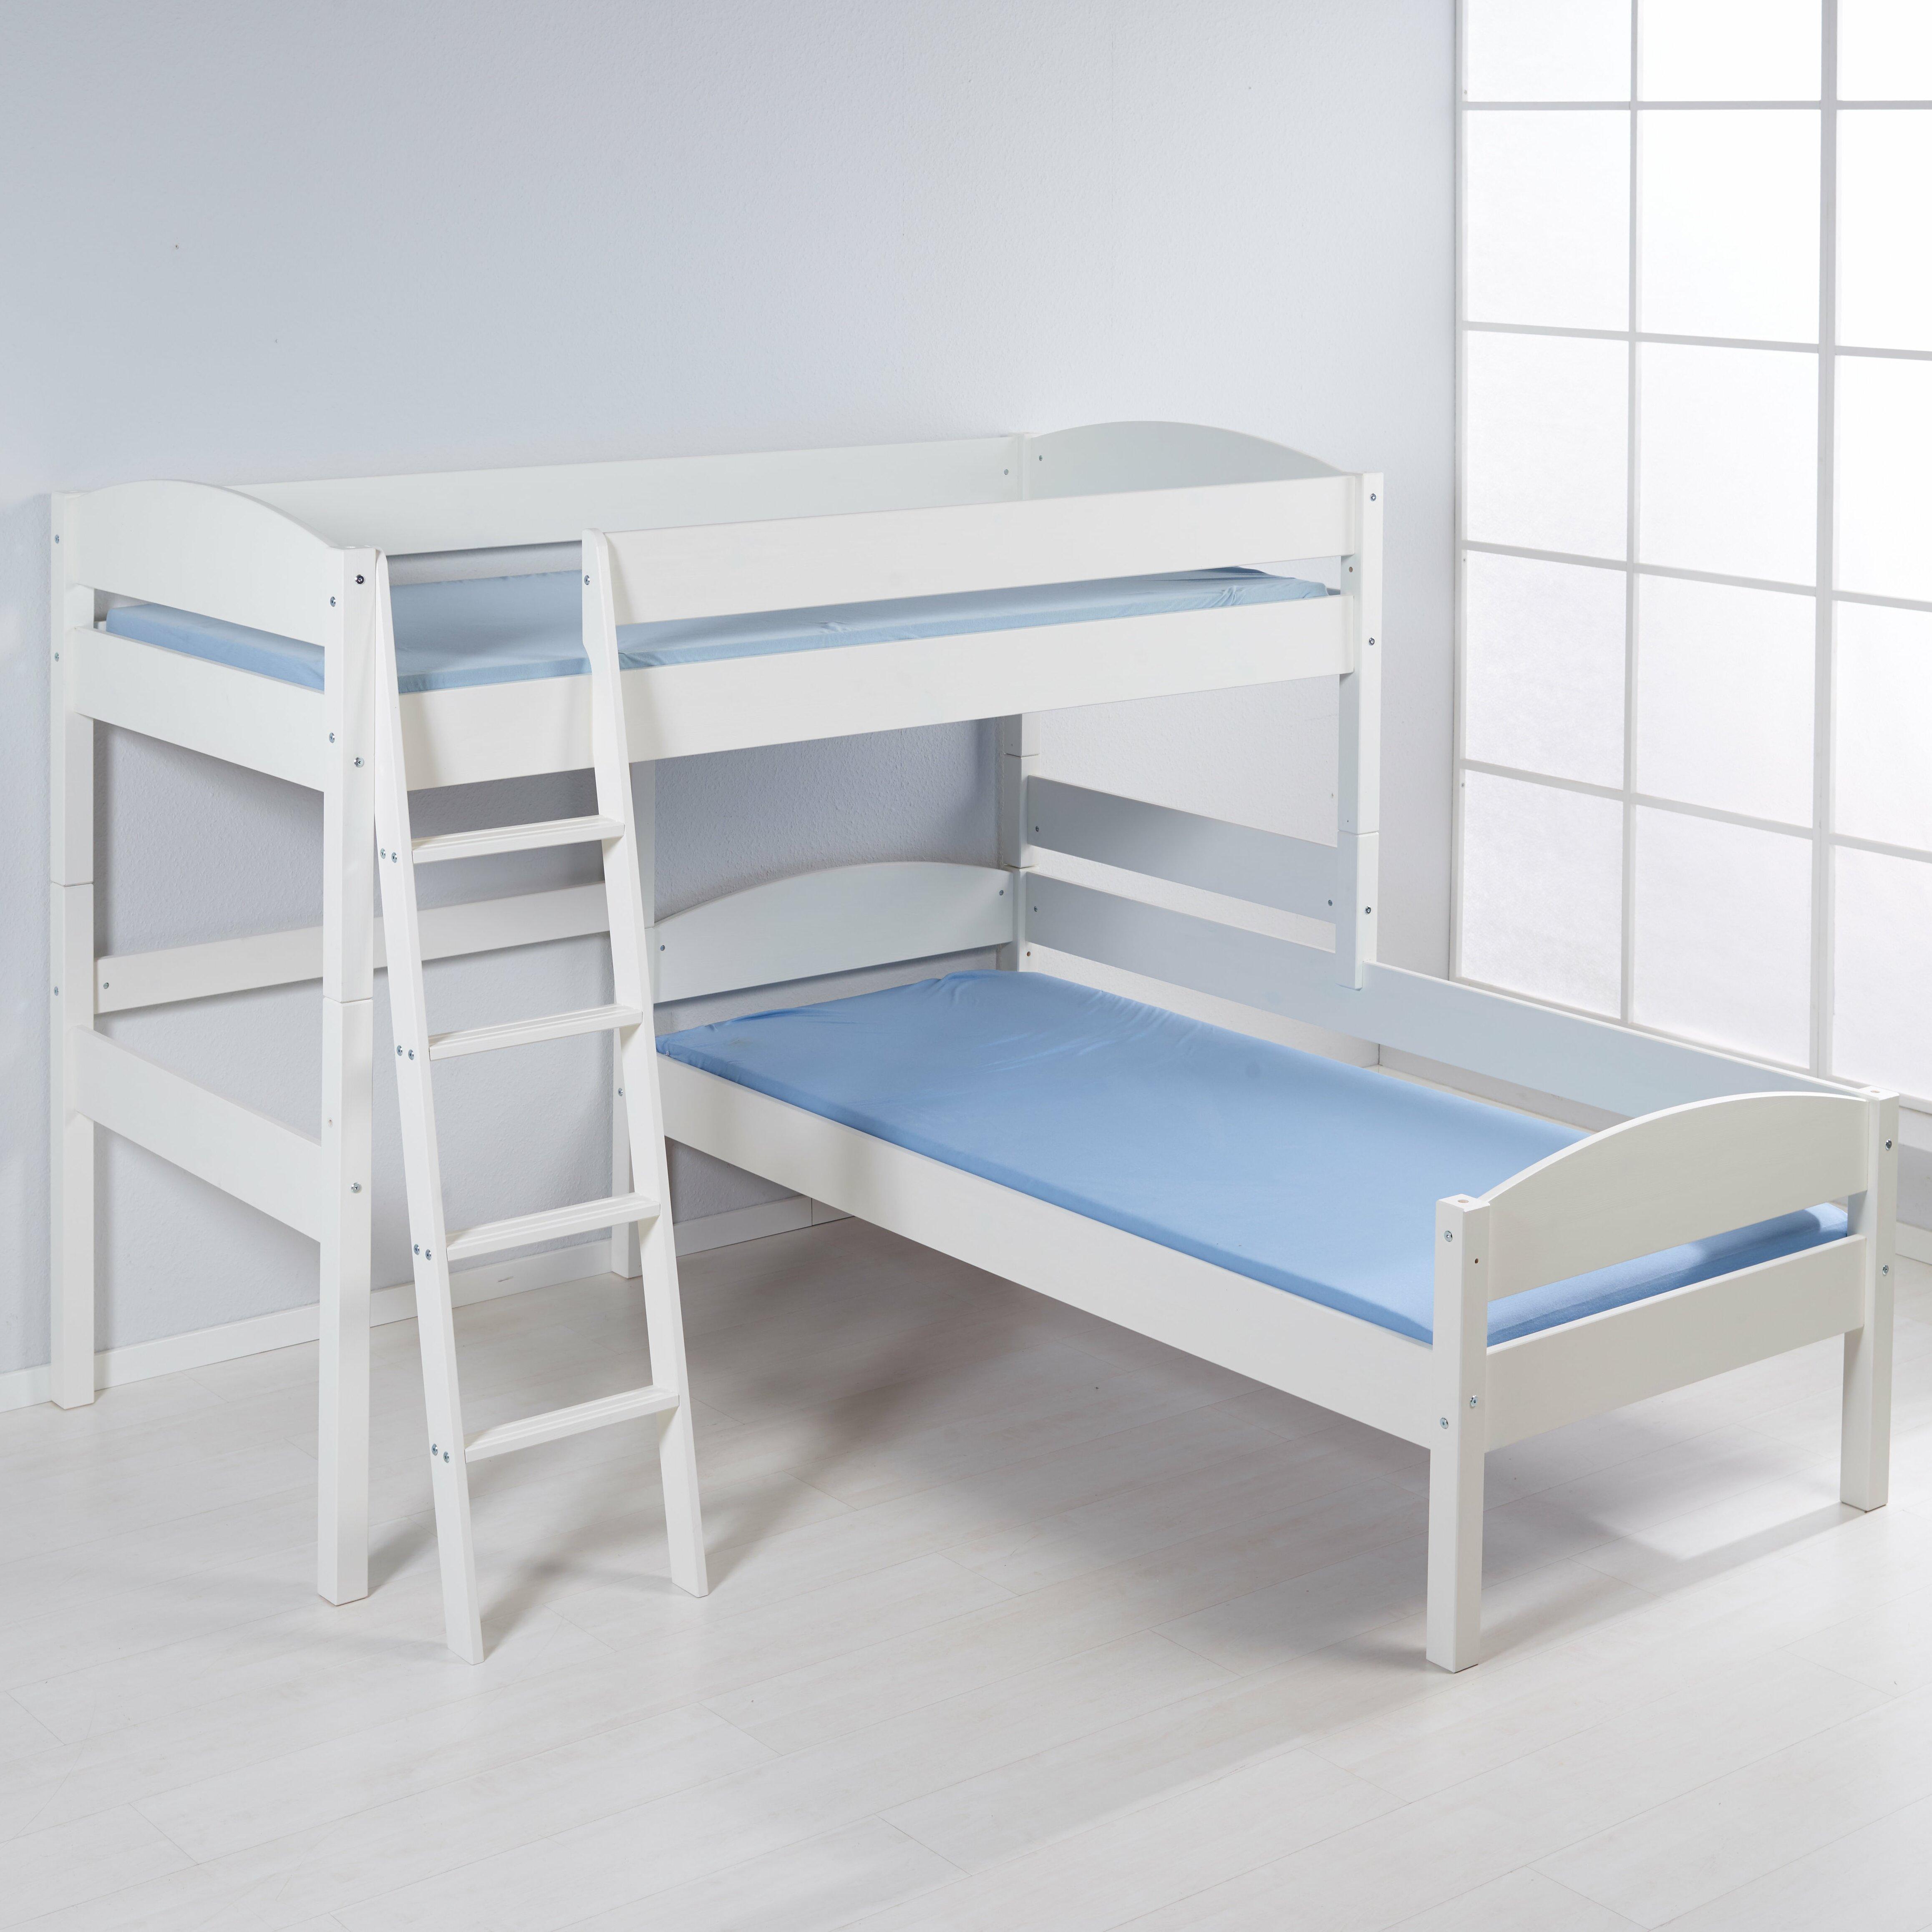 wrigglebox european single l shaped bunk bed wayfair uk. Black Bedroom Furniture Sets. Home Design Ideas